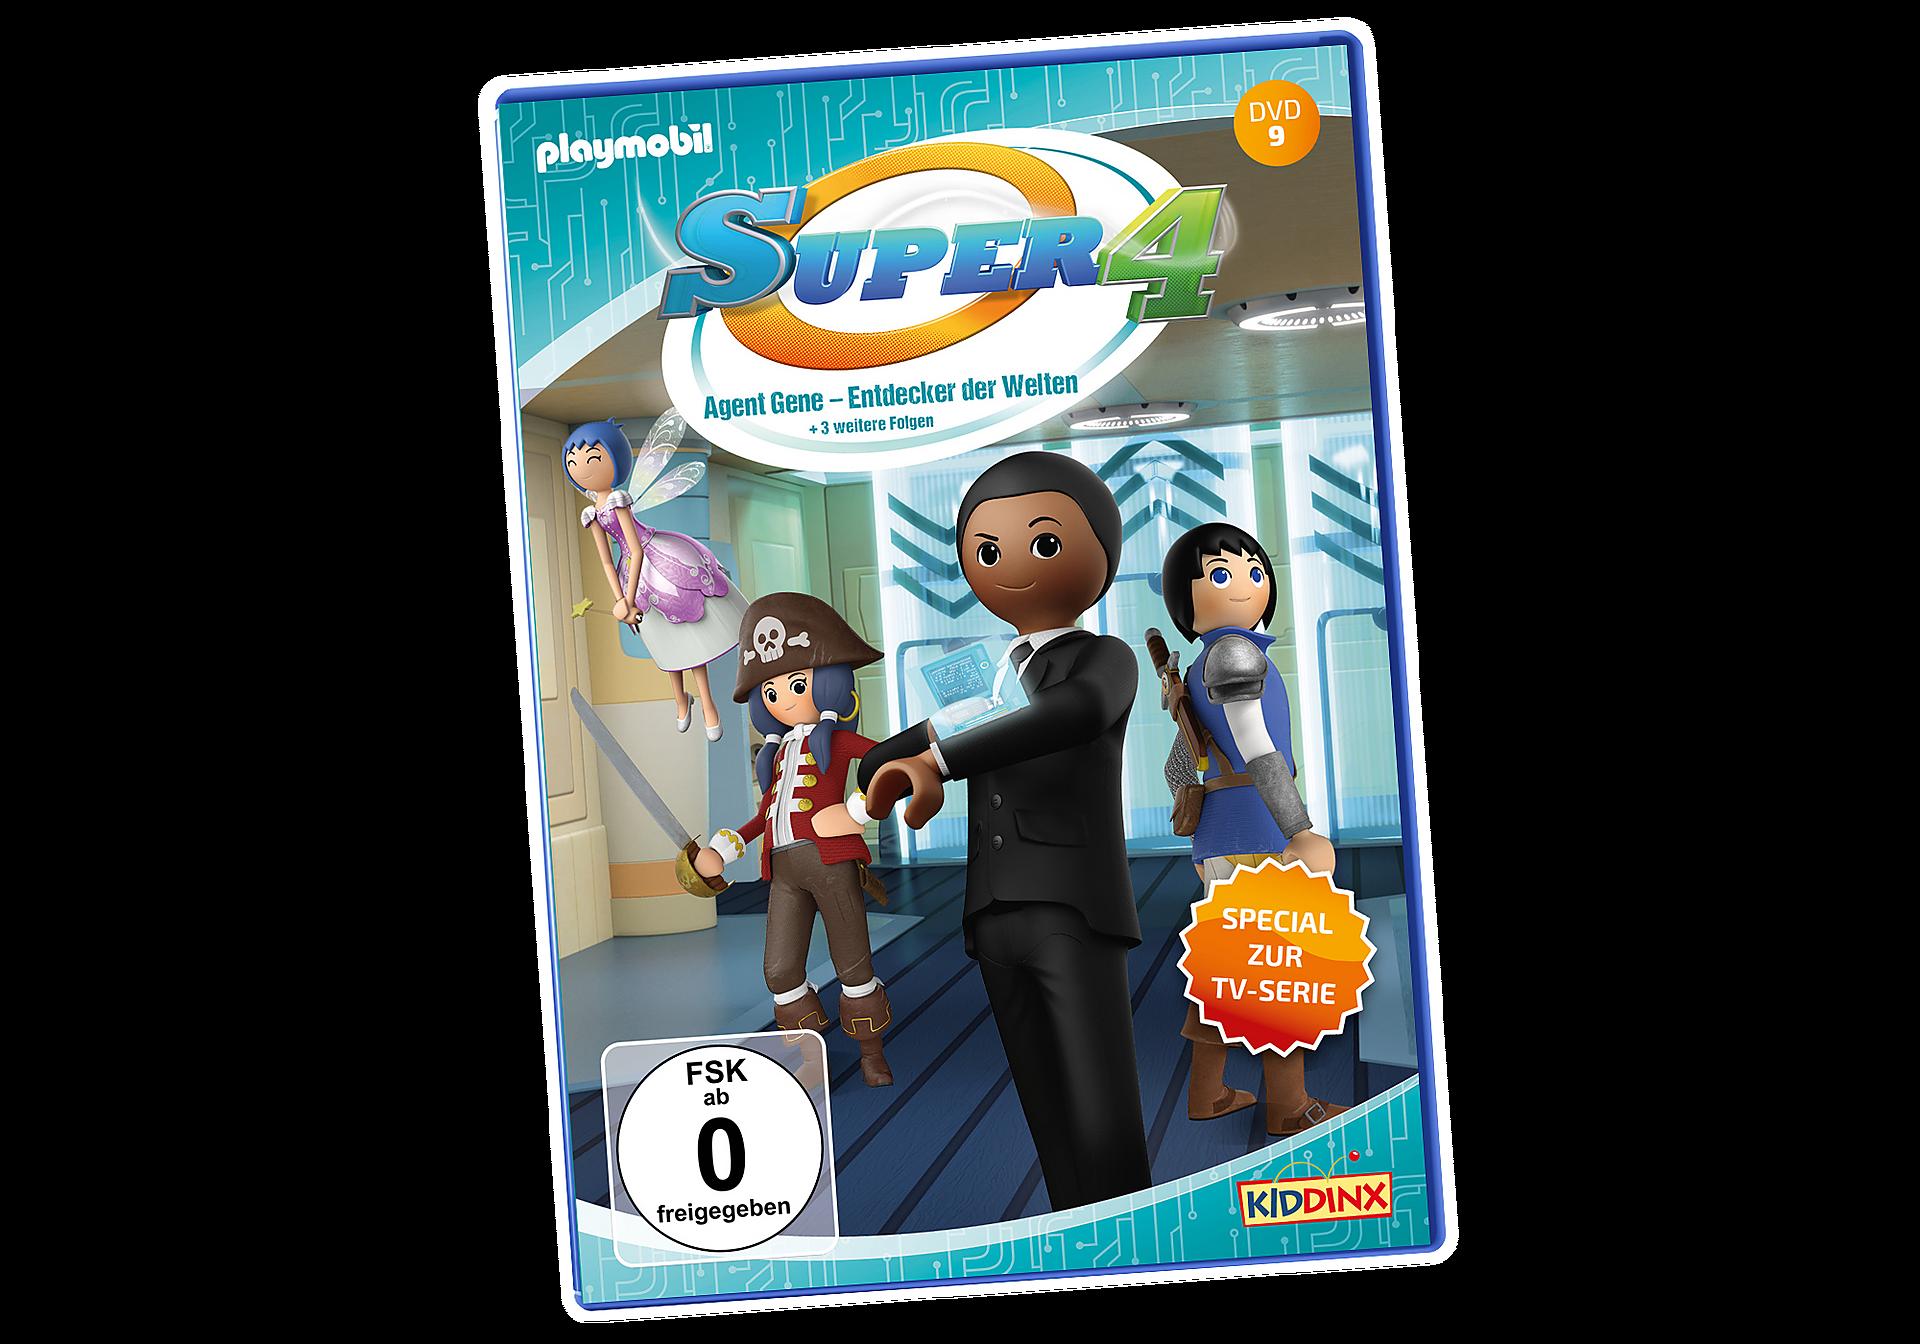 80021 DVD Super4: Agent Gene, Entdecker der Welten  zoom image1